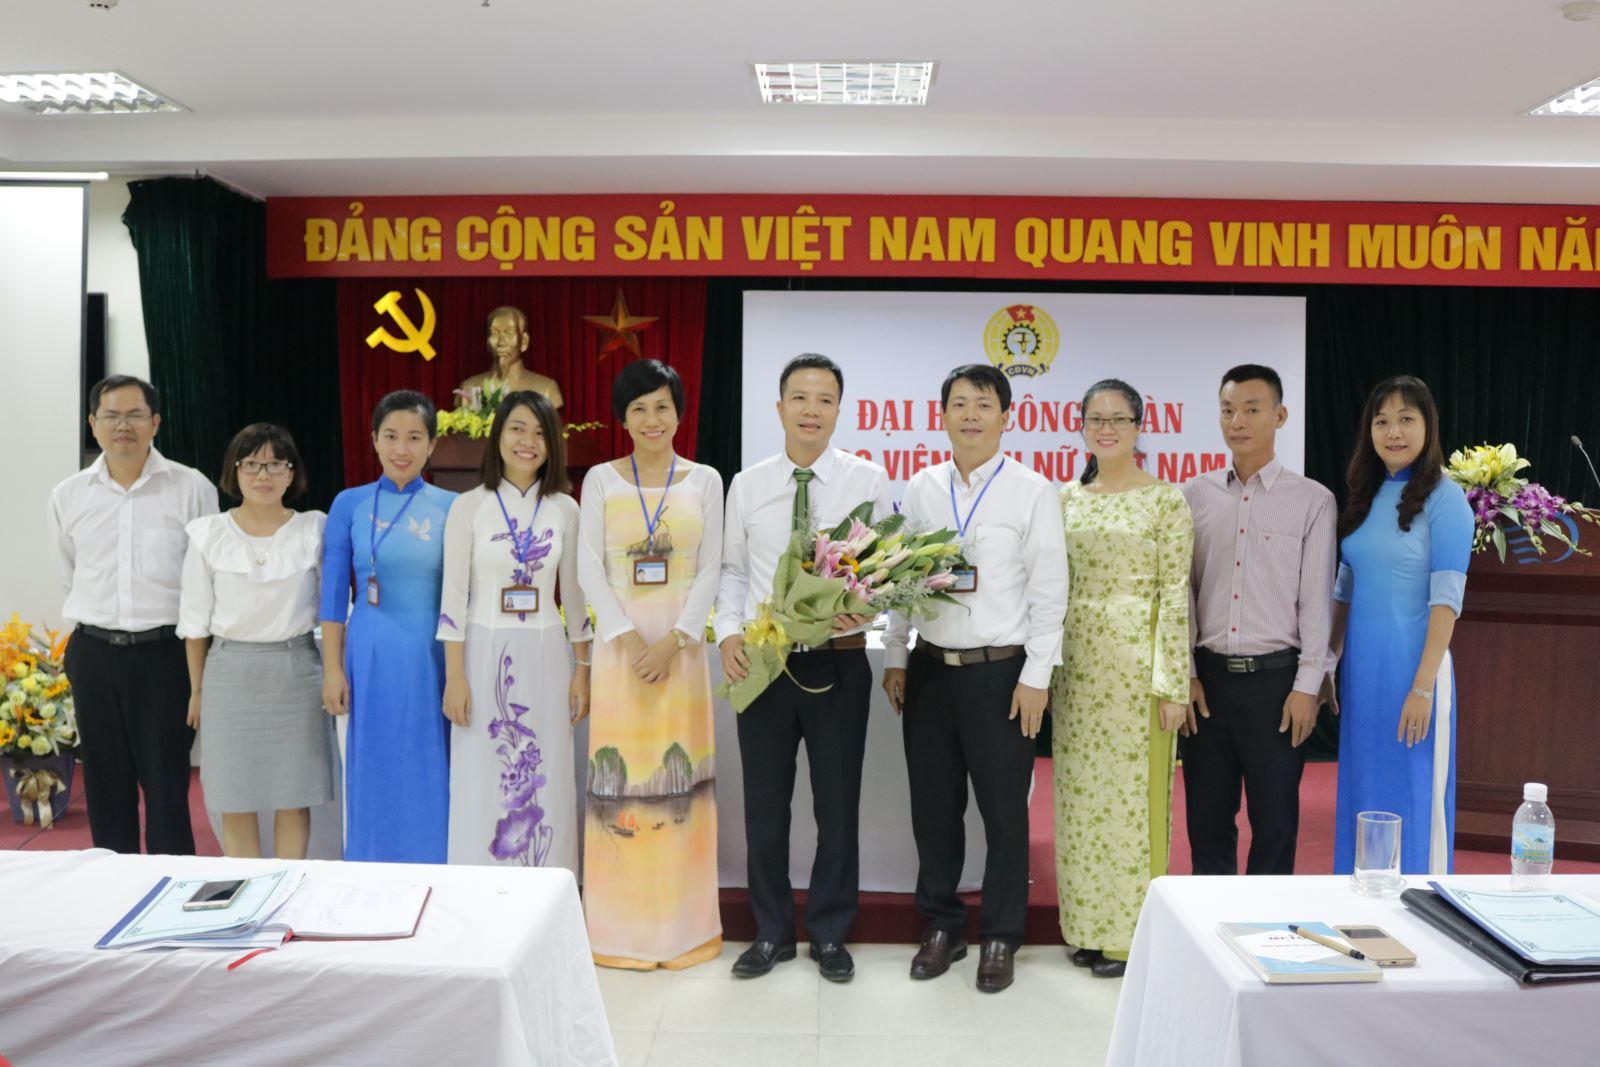 Đại hội công đoàn Học viện Phụ nữ Việt Nam nhiệm kỳ 2017 – 2022